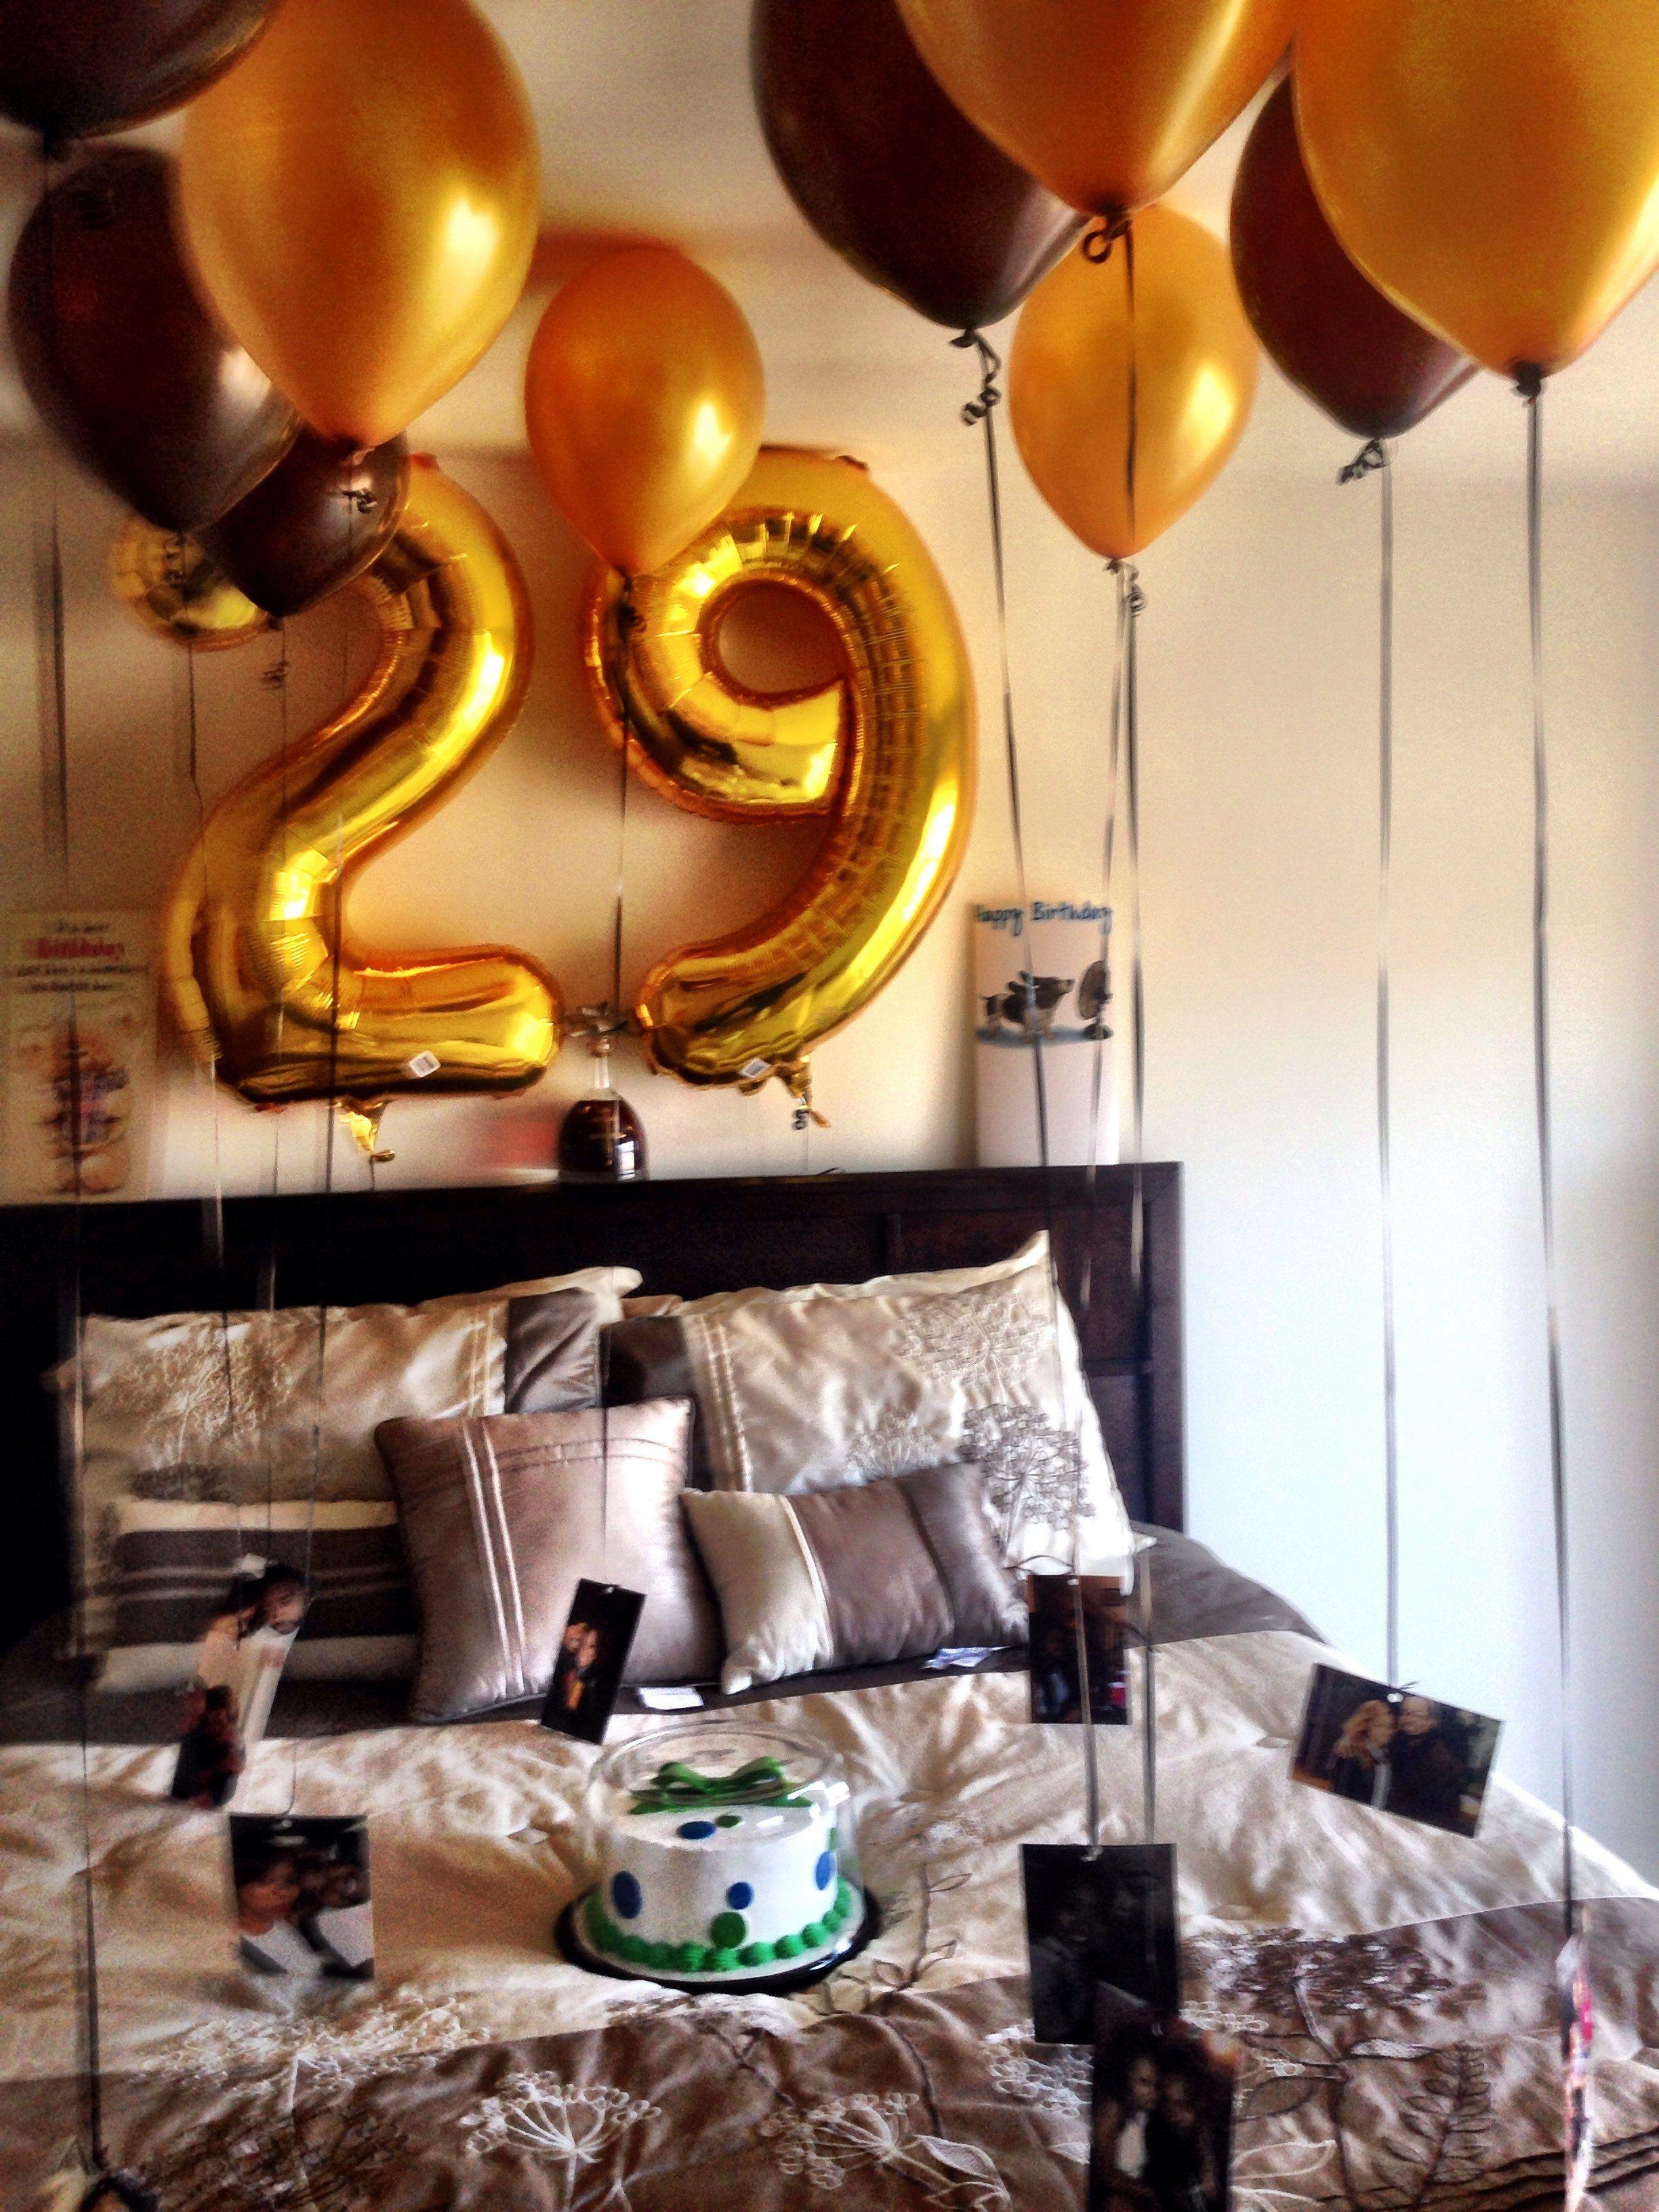 10 Stylish Surprise Birthday Ideas For Boyfriend Boyfriends Birthday Birthdays Pinterest Birthday Surprise Boyfriend Romantic Room Decoration Birthday Surprise